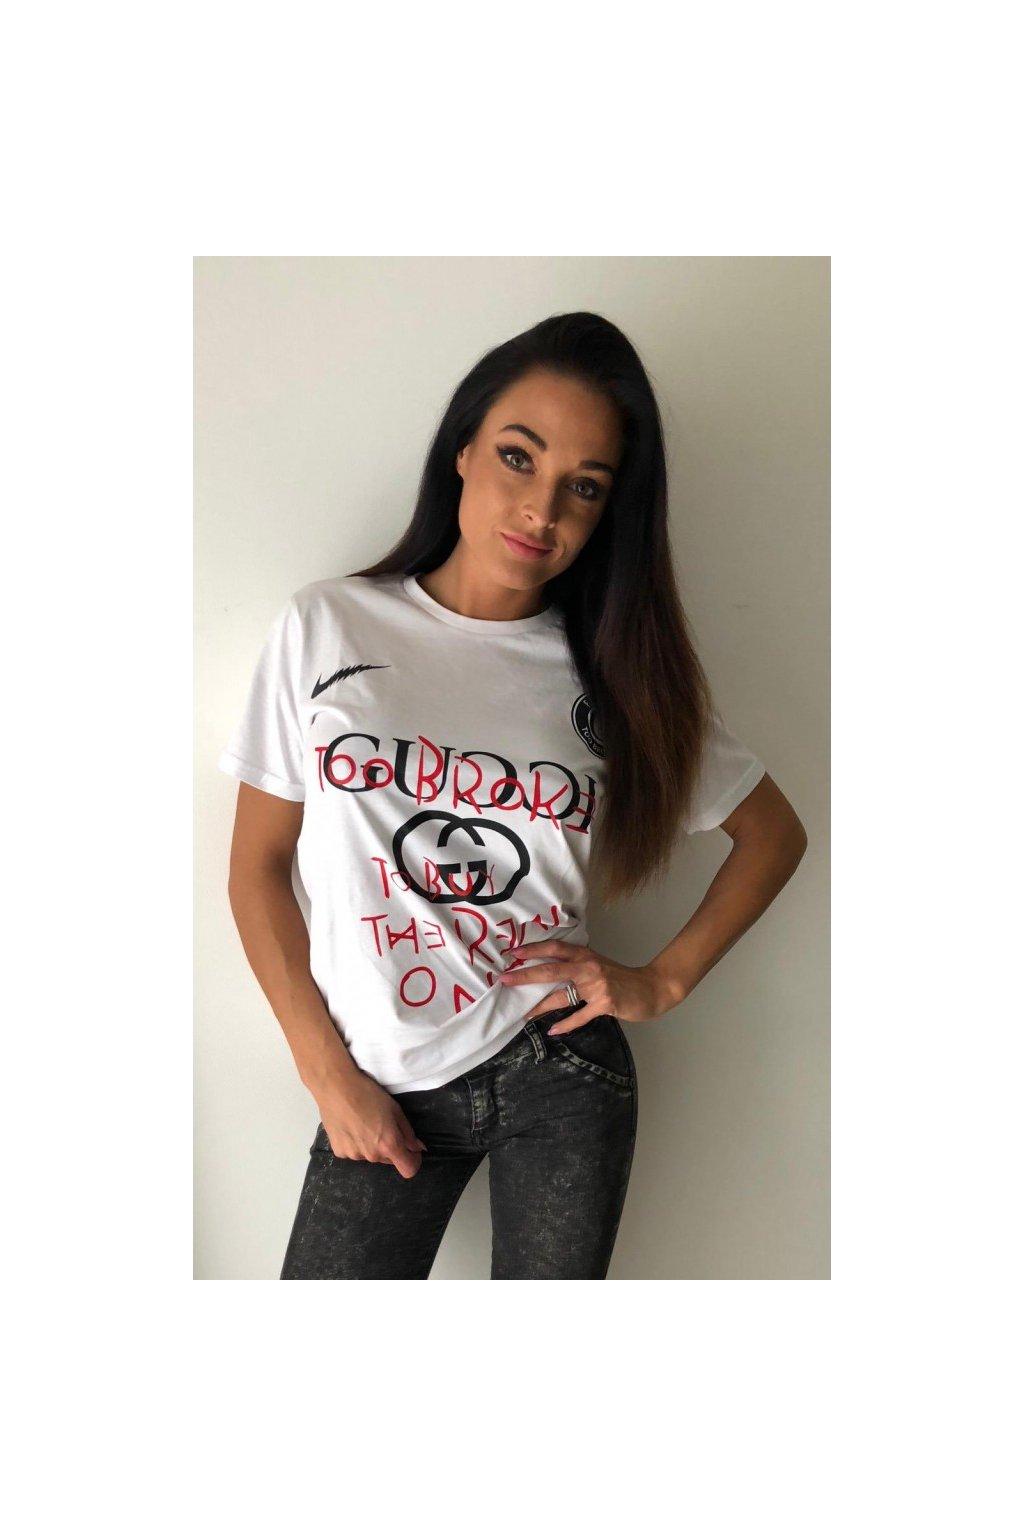 Tričko TooBroke s nápisem Gucci - bílé (Velikost Velikost M)